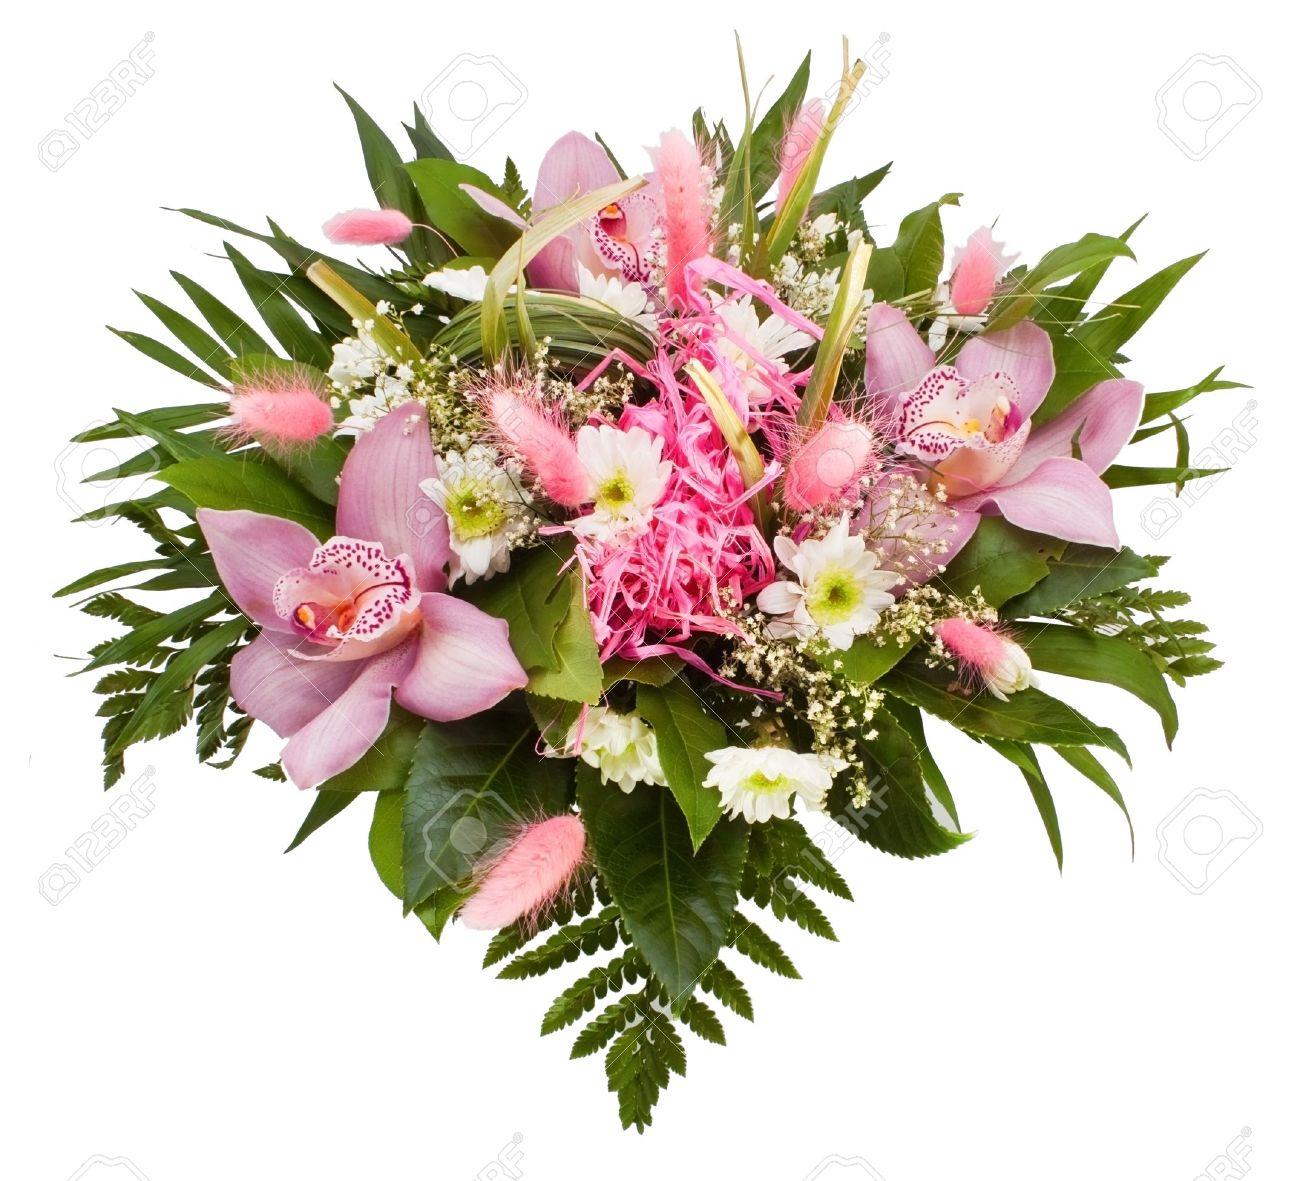 Flower Bouquet Images Jpeg Image Pixels Scaled Flowers Pinterest